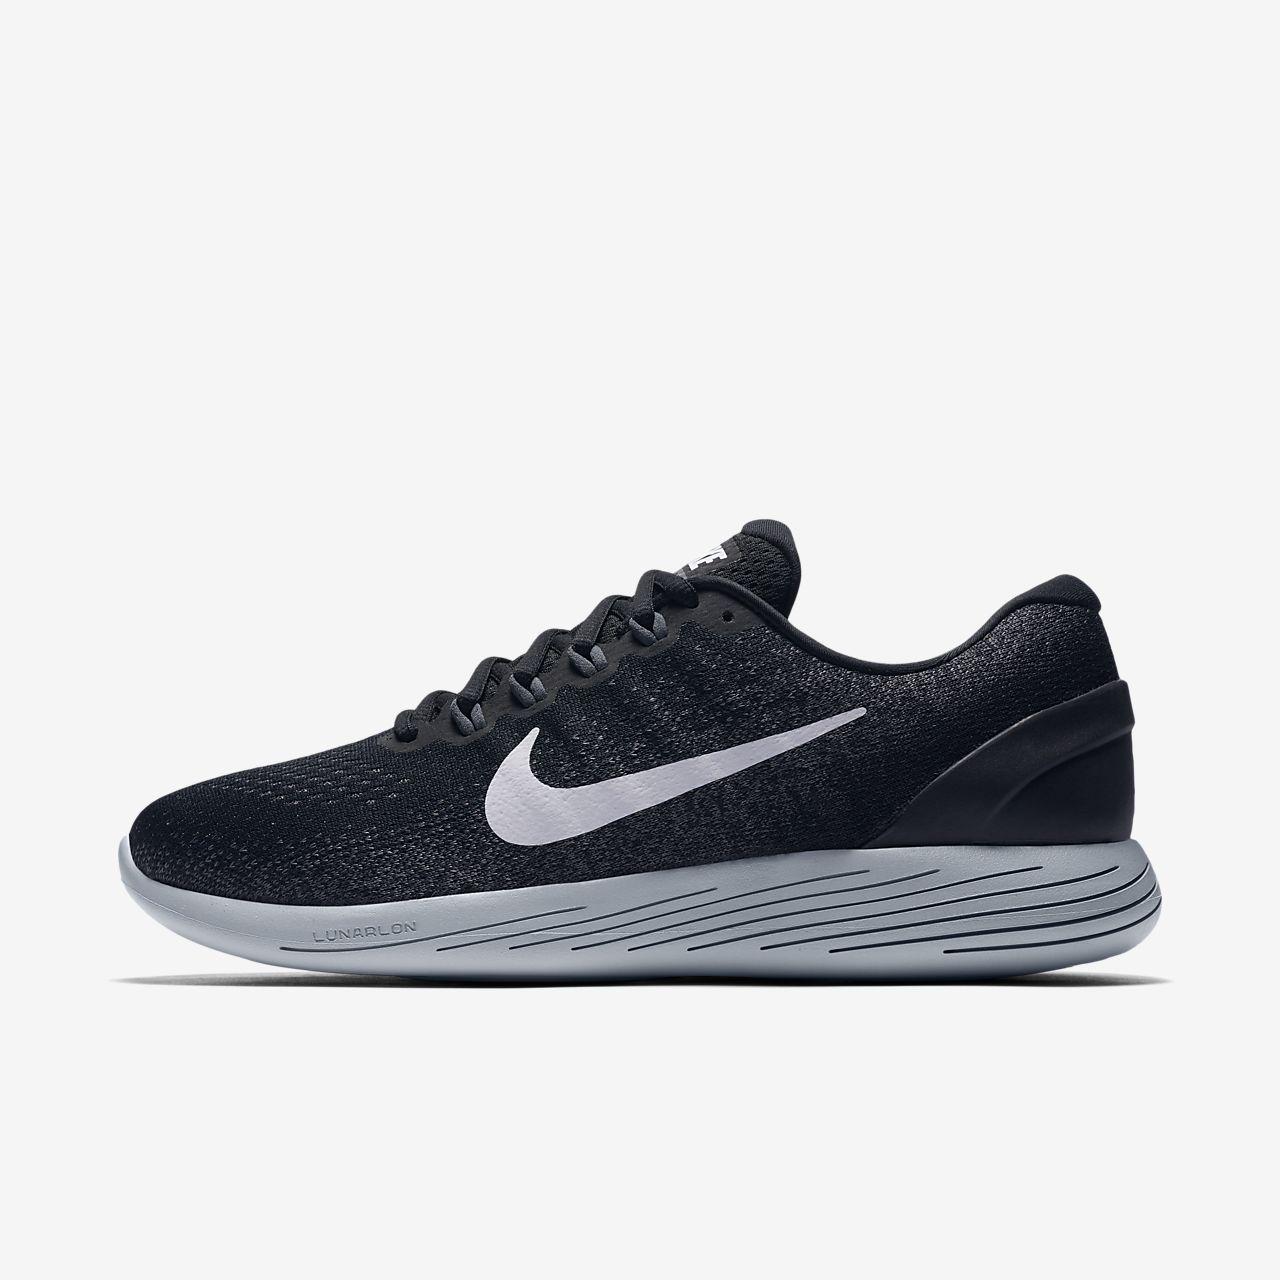 Nike Lunarglide 9 Mens Zapato